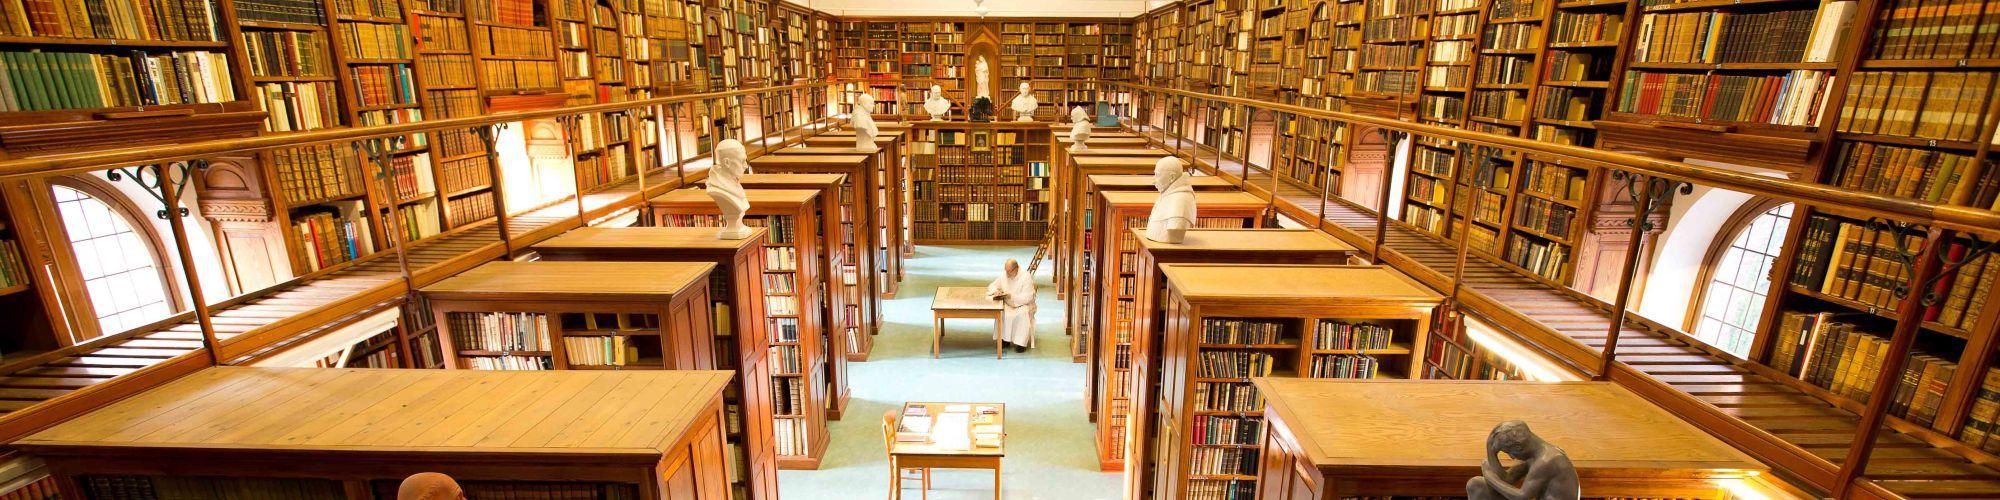 La biblioteca de la abadía de Westmalle con muchos manuscritos antiguos